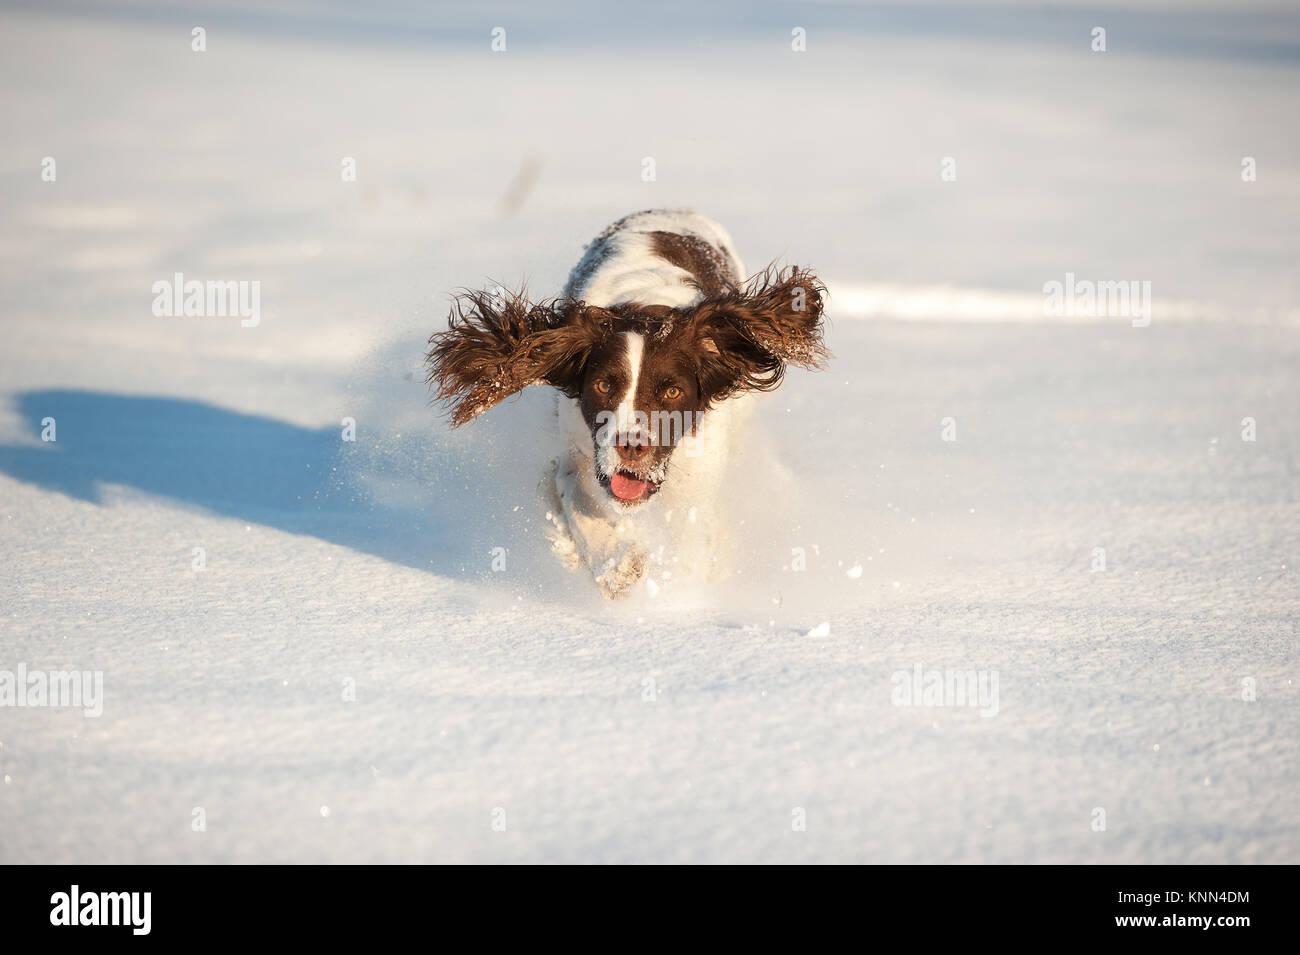 Springer Spaniel in the Snow - Stock Image